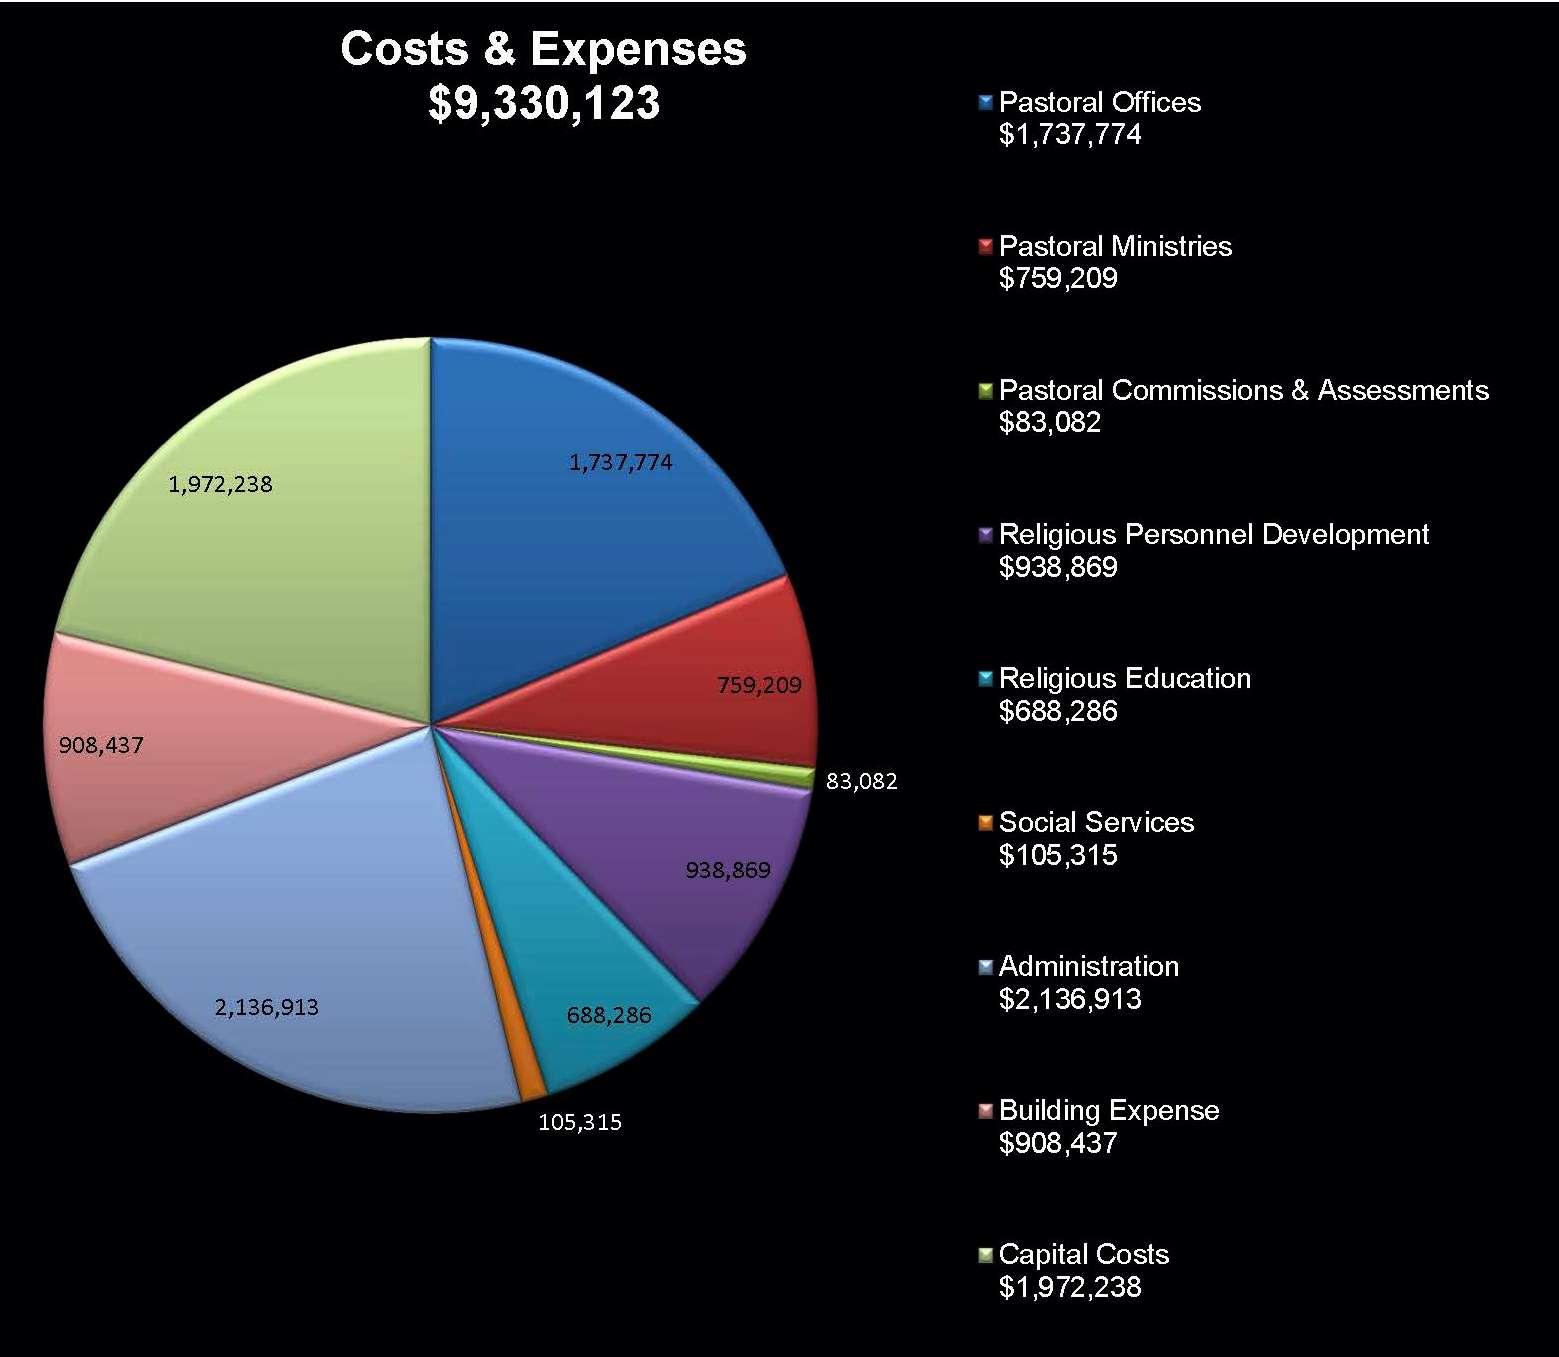 costsexpenses2016